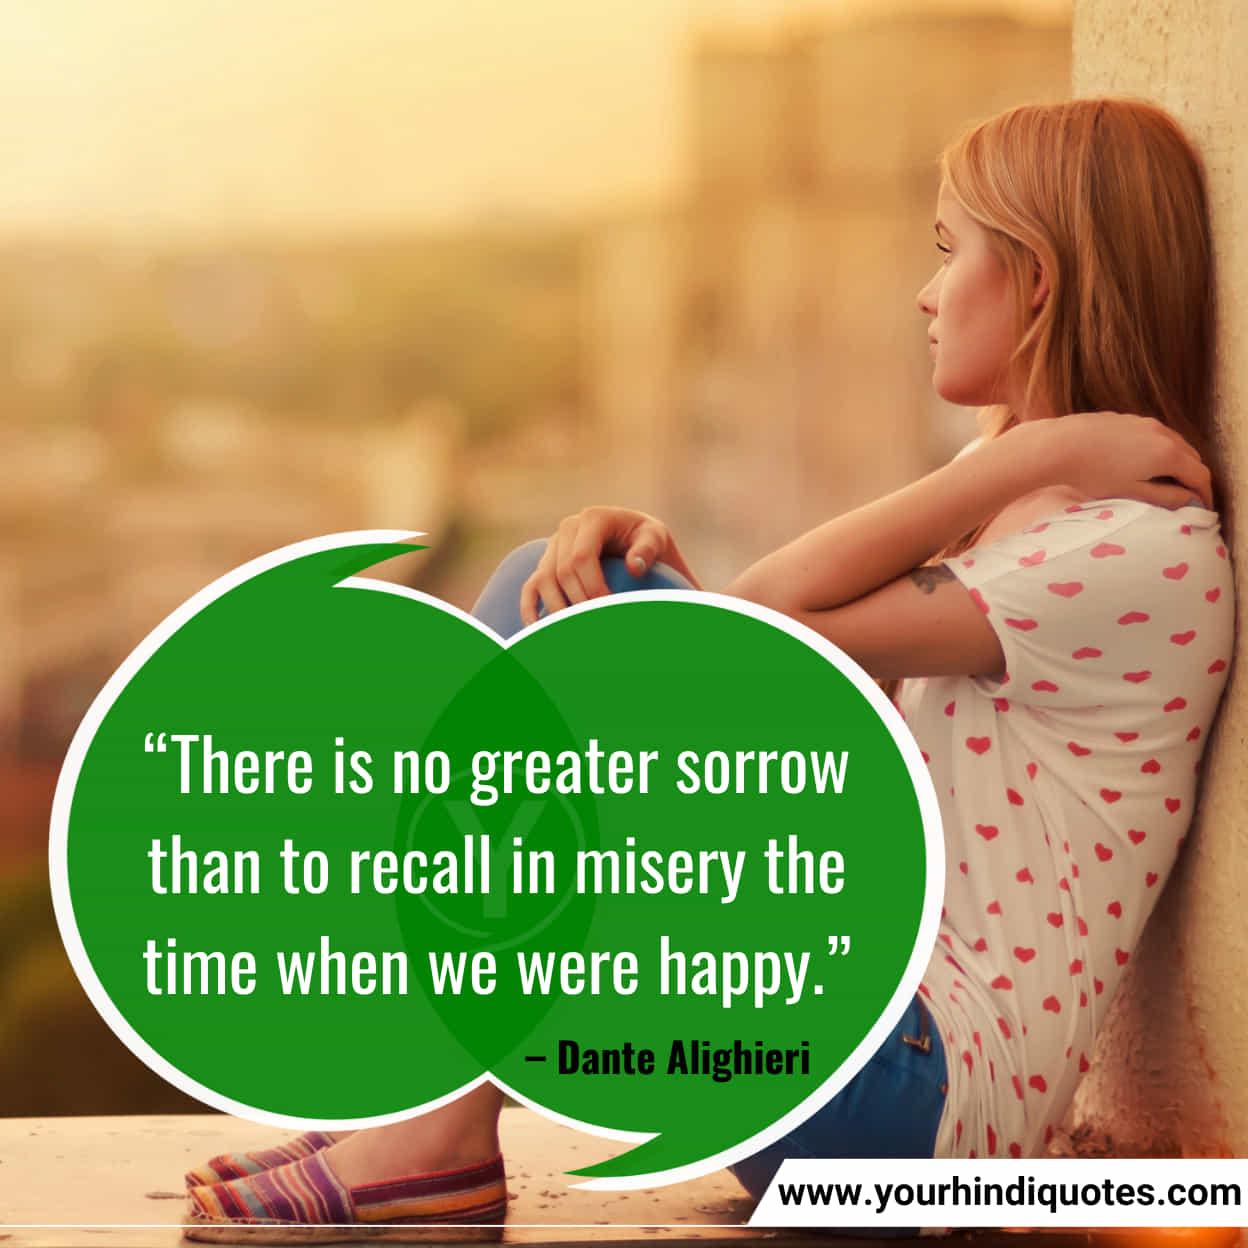 Best Sad Quotes